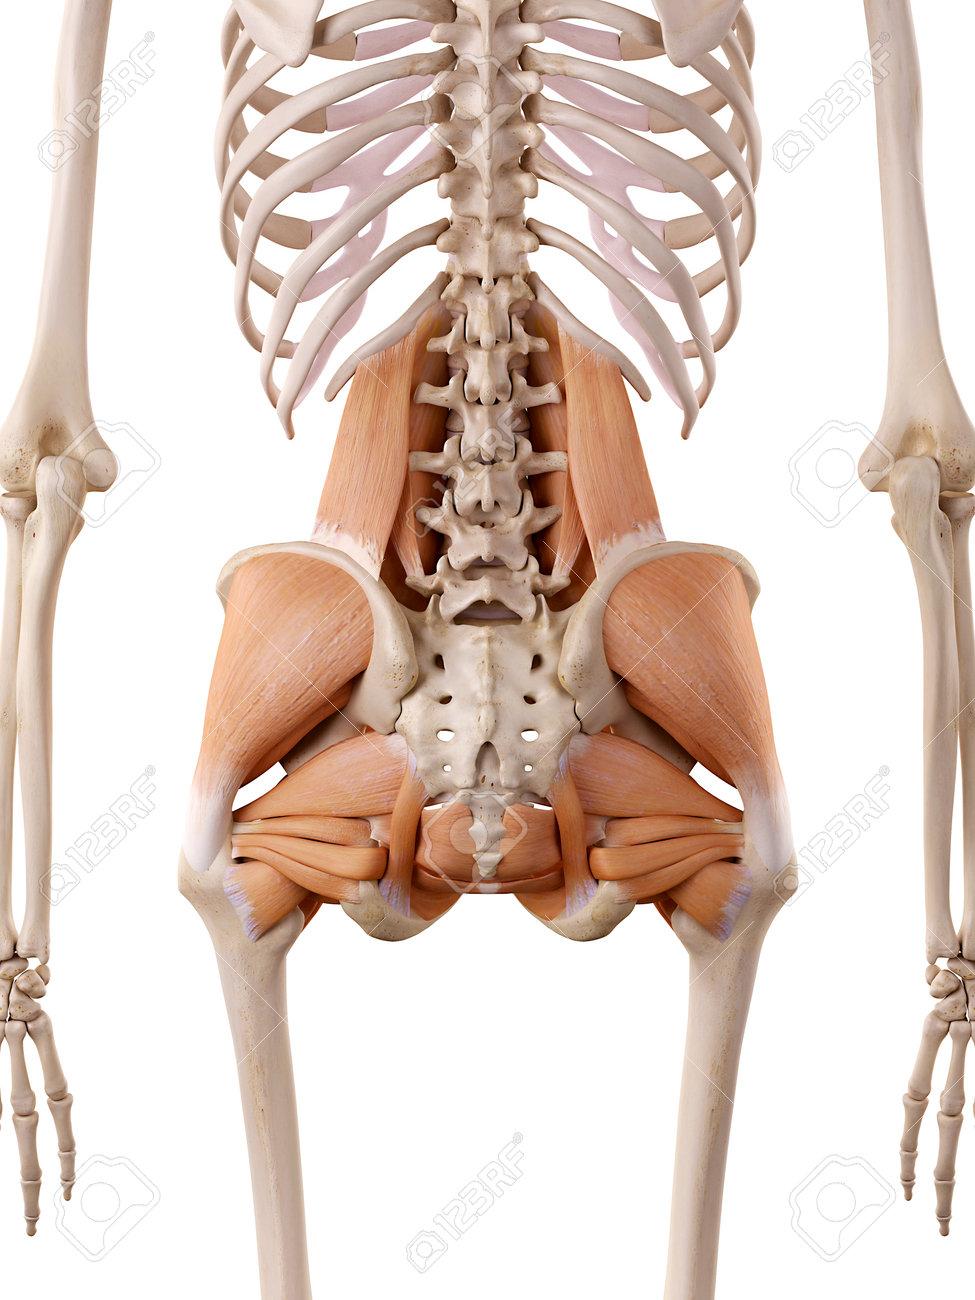 Fein Anatomie Der Hüftmuskulatur Ideen - Anatomie Von Menschlichen ...